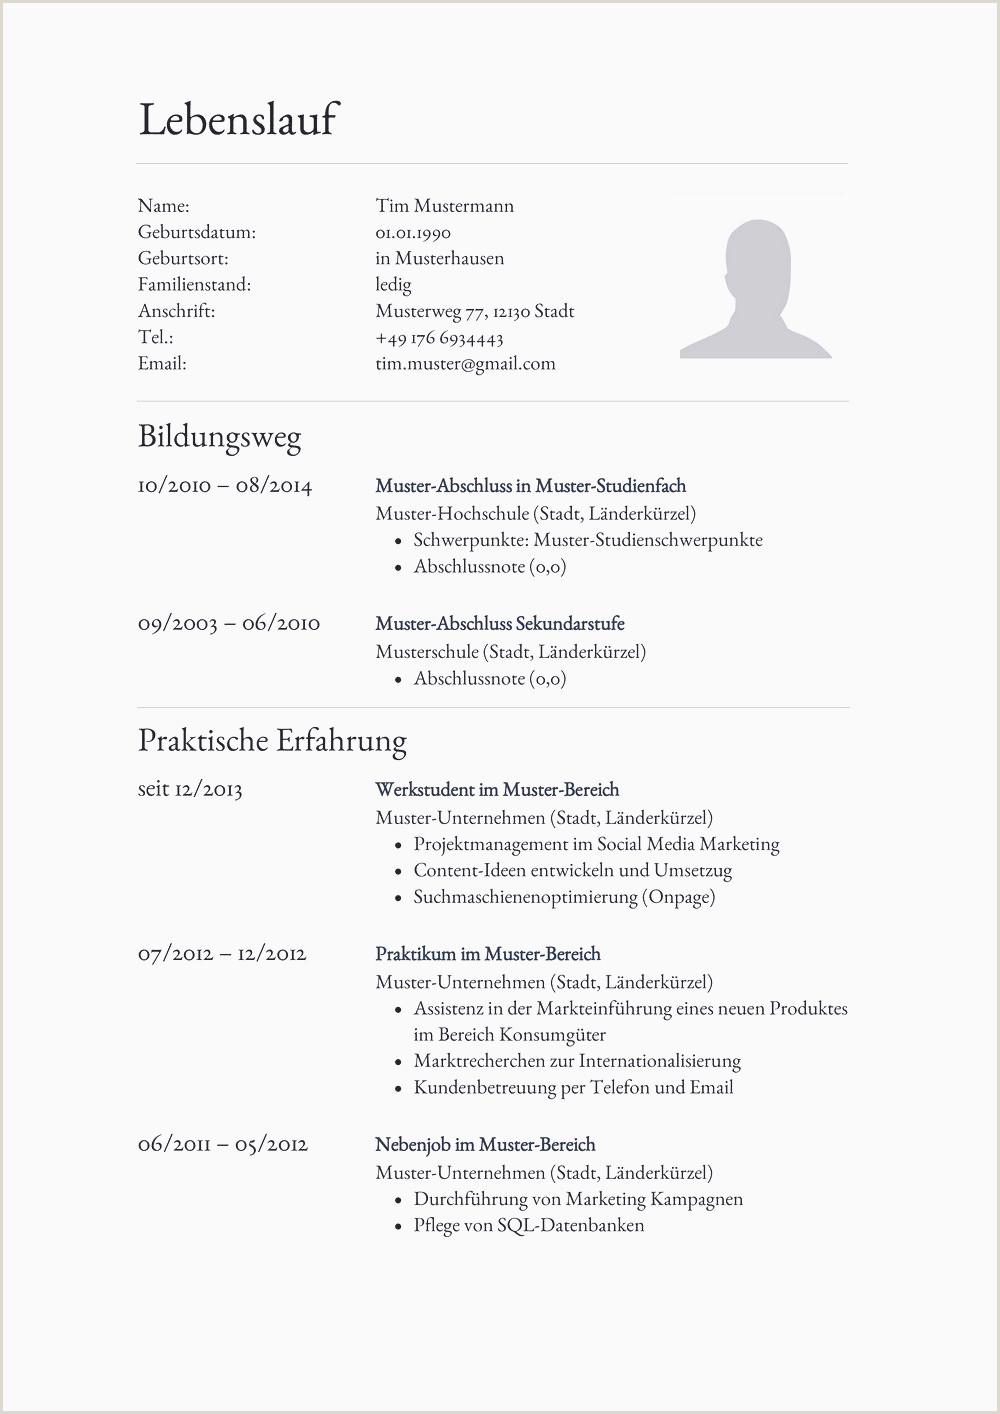 Lebenslauf Pdf 21 Tabellarischer Lebenslauf Muster Pdf